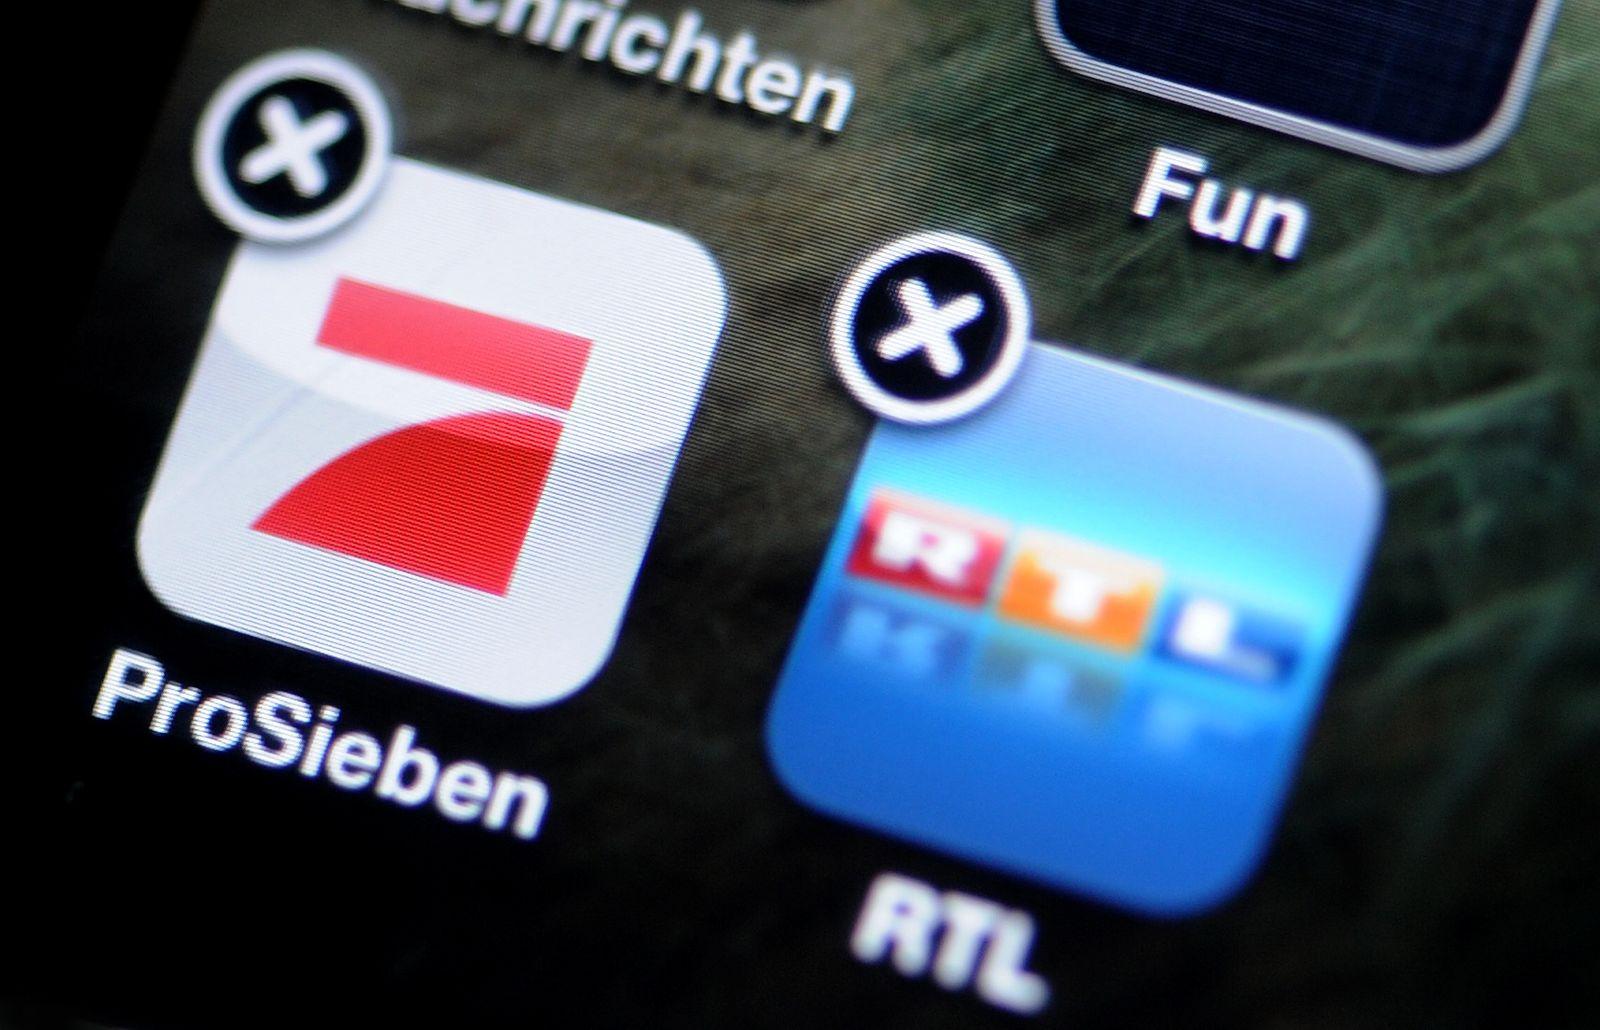 ProSieben / RTL / apps